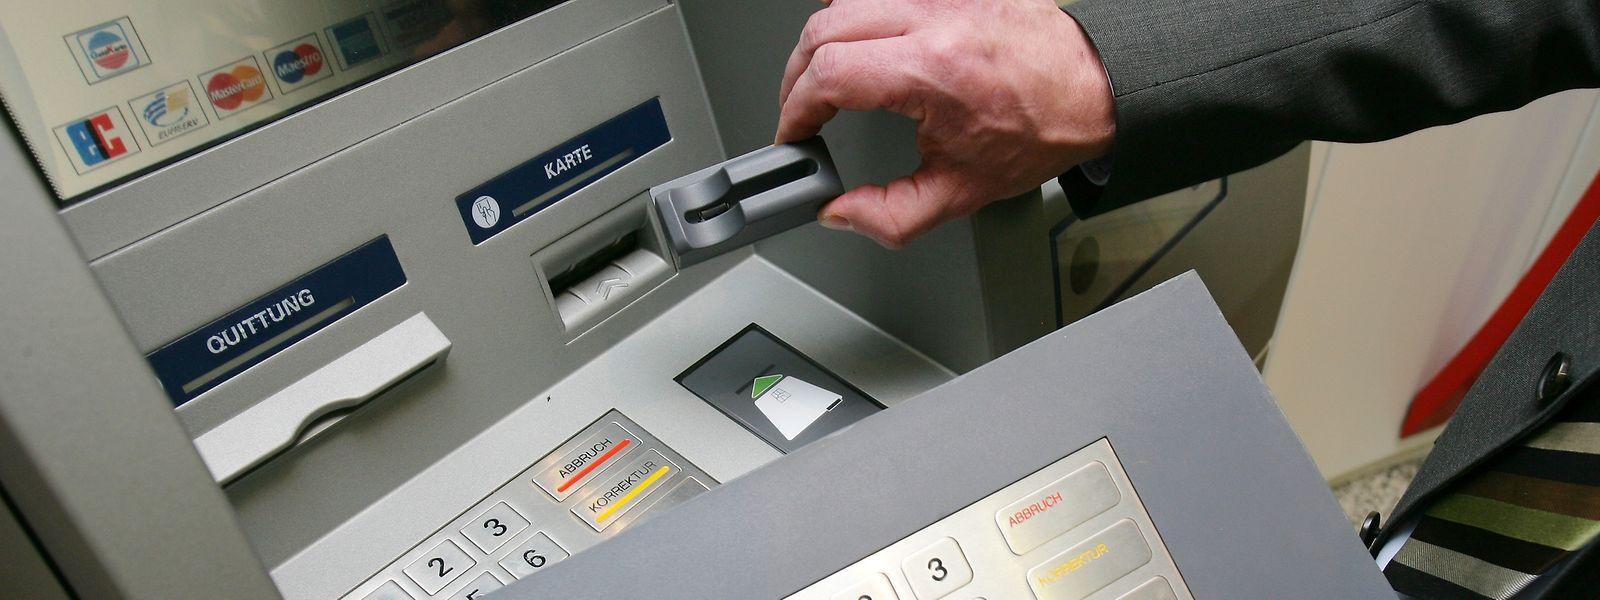 Betrug durch Skimming: Häufig montieren Kriminelle an den Kartenschlitz Vorsatzgeräte, sowie eine Zusatztastatur oder eine Mini-Kamera. So können sie etwa die PIN von ahnungslosen Kartenbesitzern ausspähen und später Geld von deren Konto abheben.